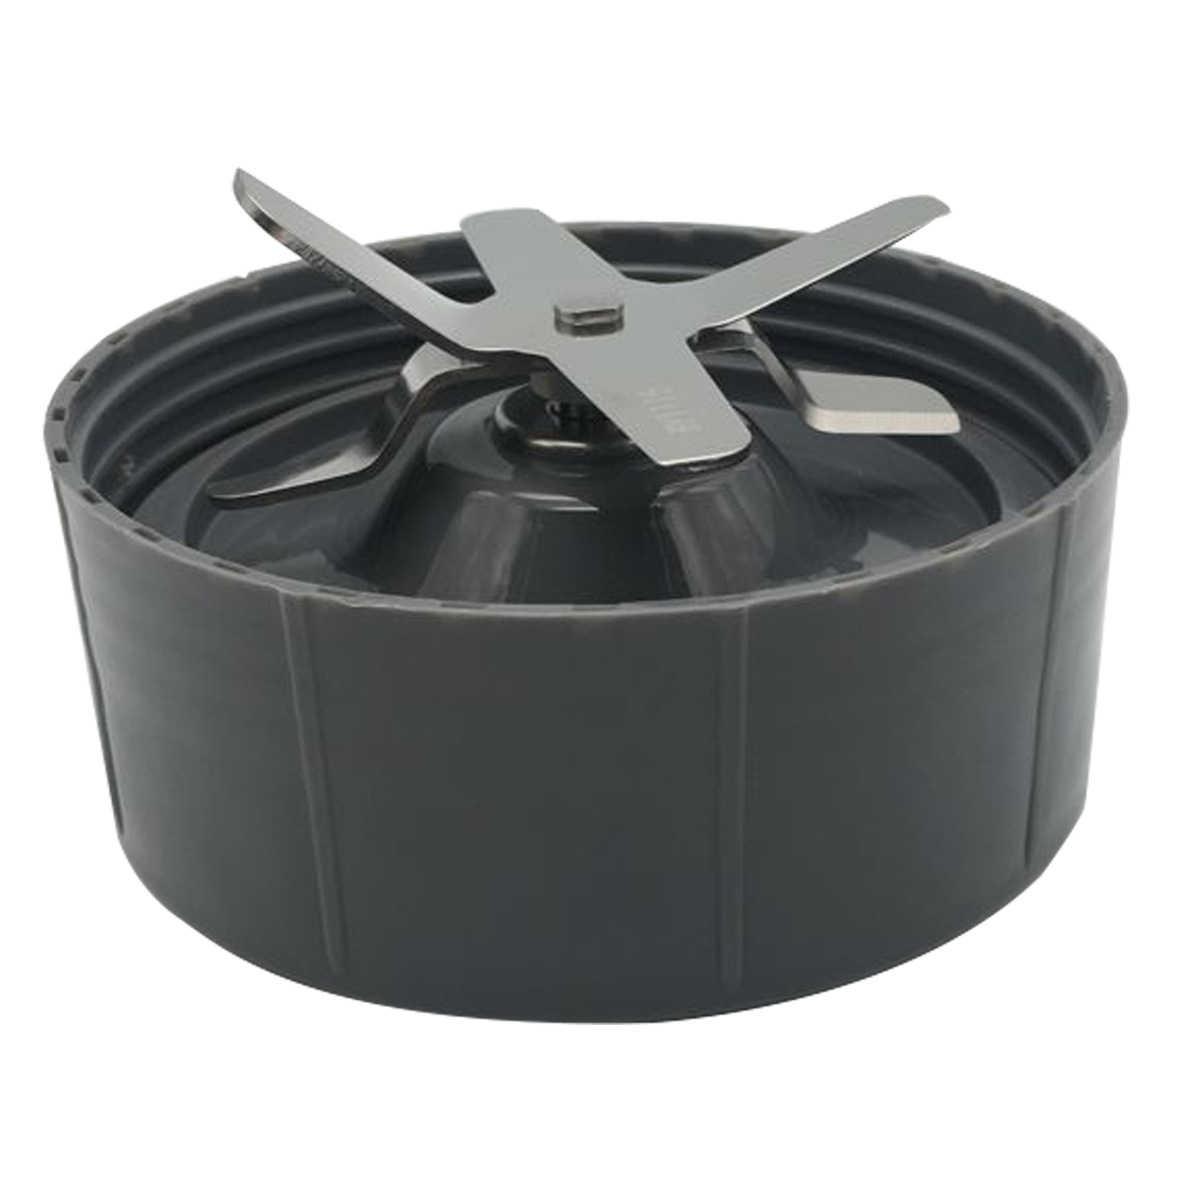 Casa para peça de Reposição da Lâmina de Aço Inoxidável Extrator Liquidificador Substituição para Cruz Para Misturador Juicer 600 W/900 W